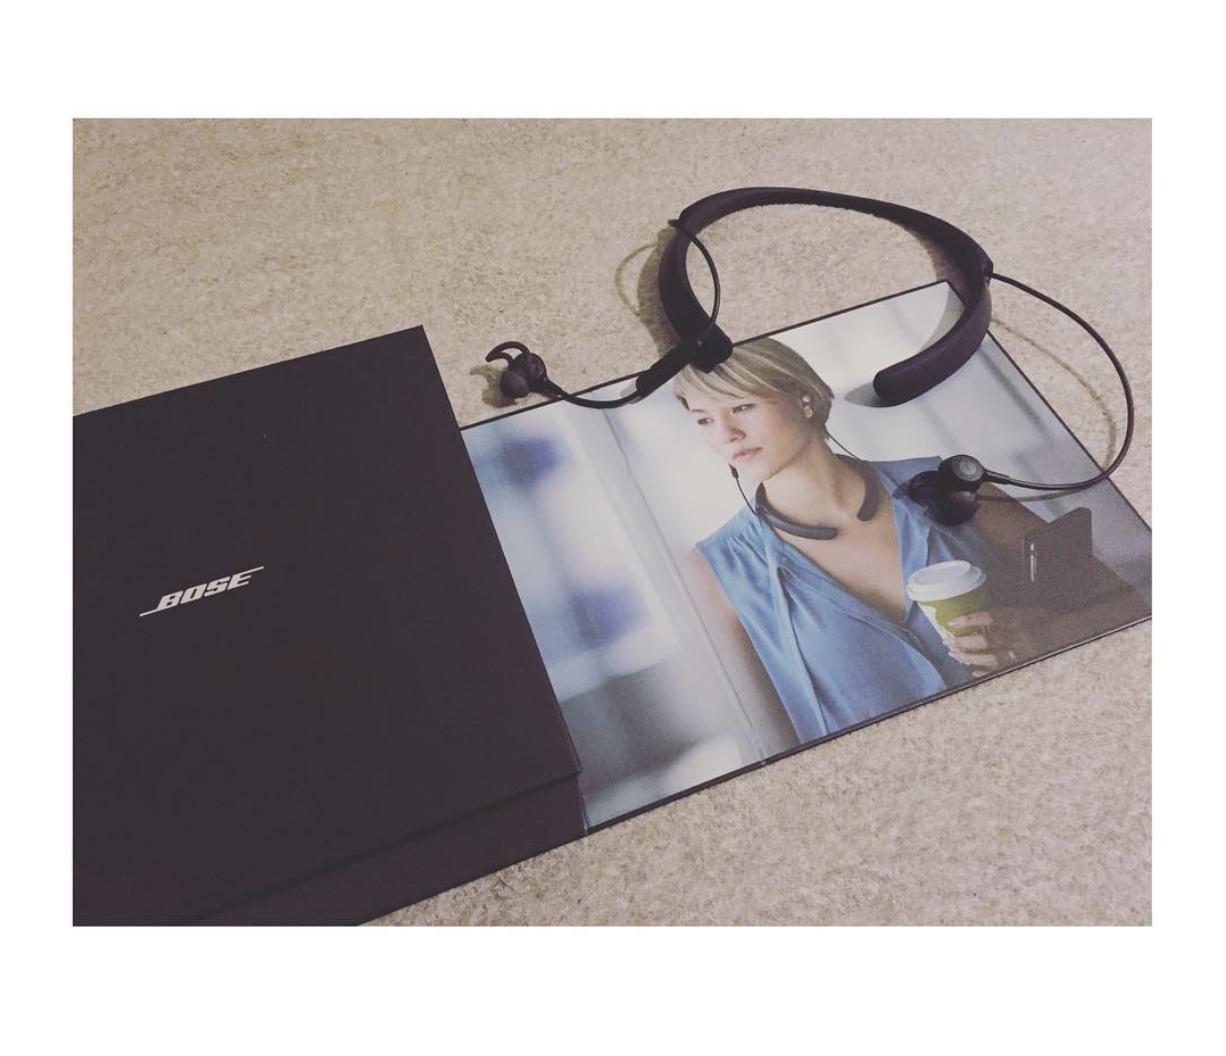 「Bose QuietControl 30 wireless headphones」とPC Macへの接続方(Bose-Quietcontrol-30-wireless-headphones-and-PC-Mac-setting-connecting)